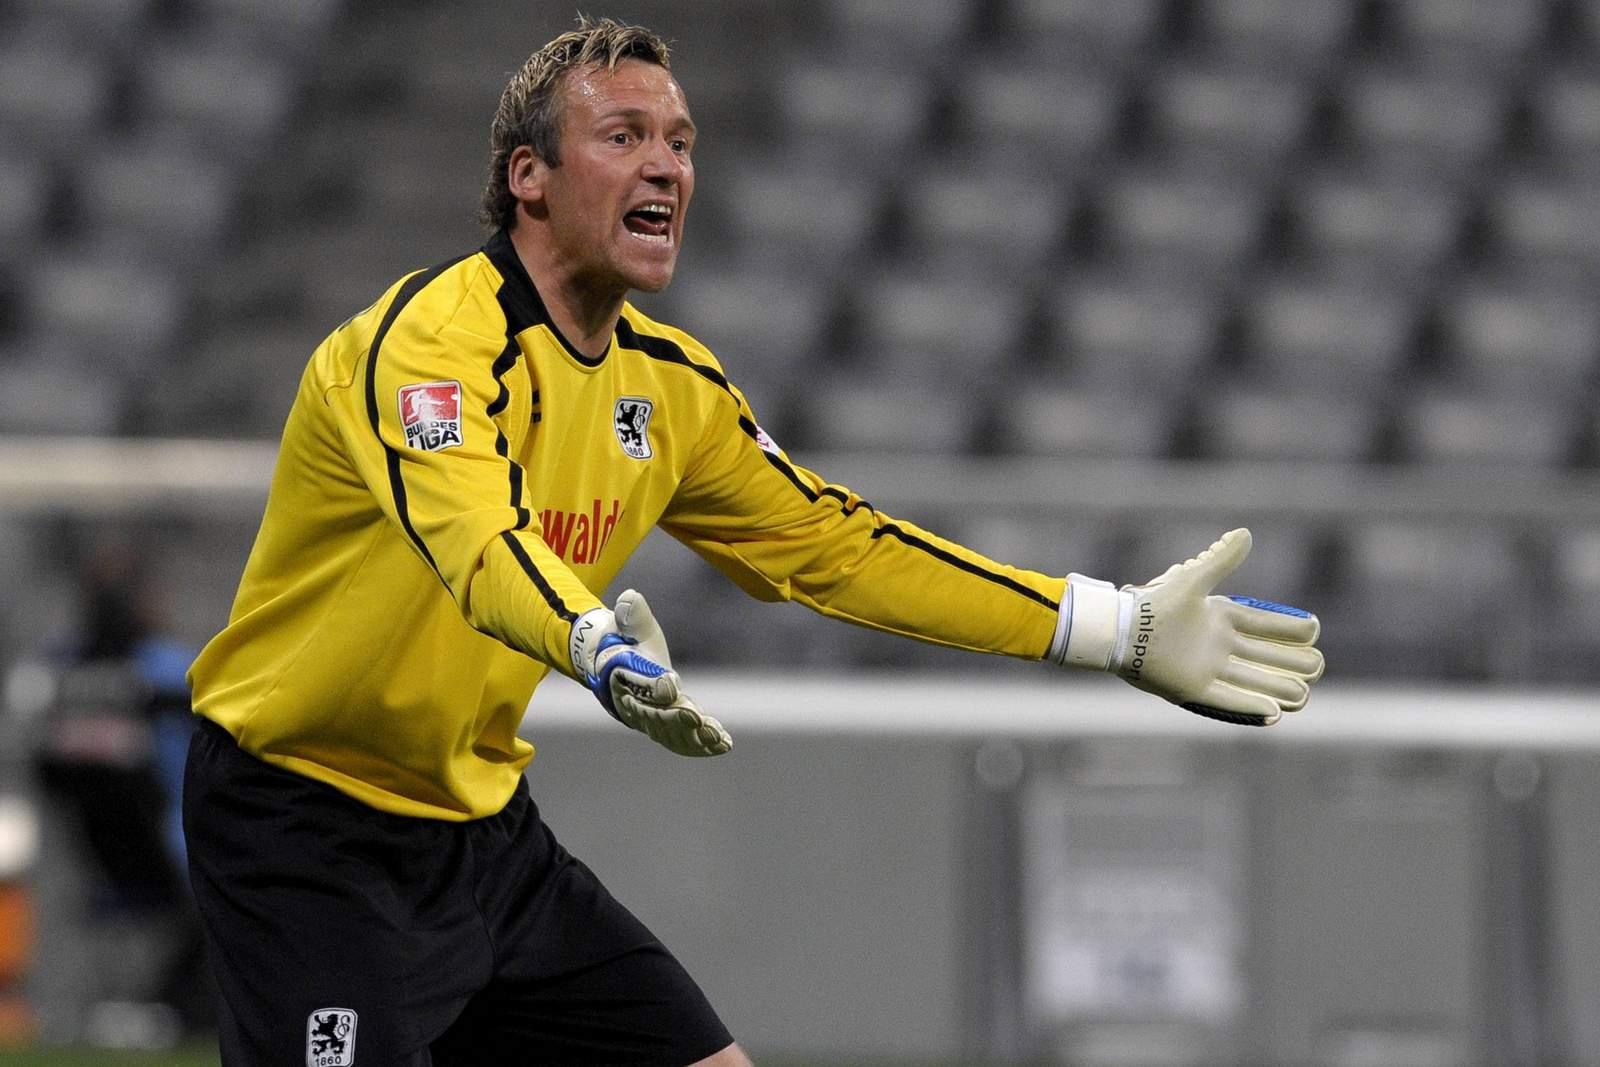 Michael Hofmann spielte von 1996 bis 2010 für die Löwen.